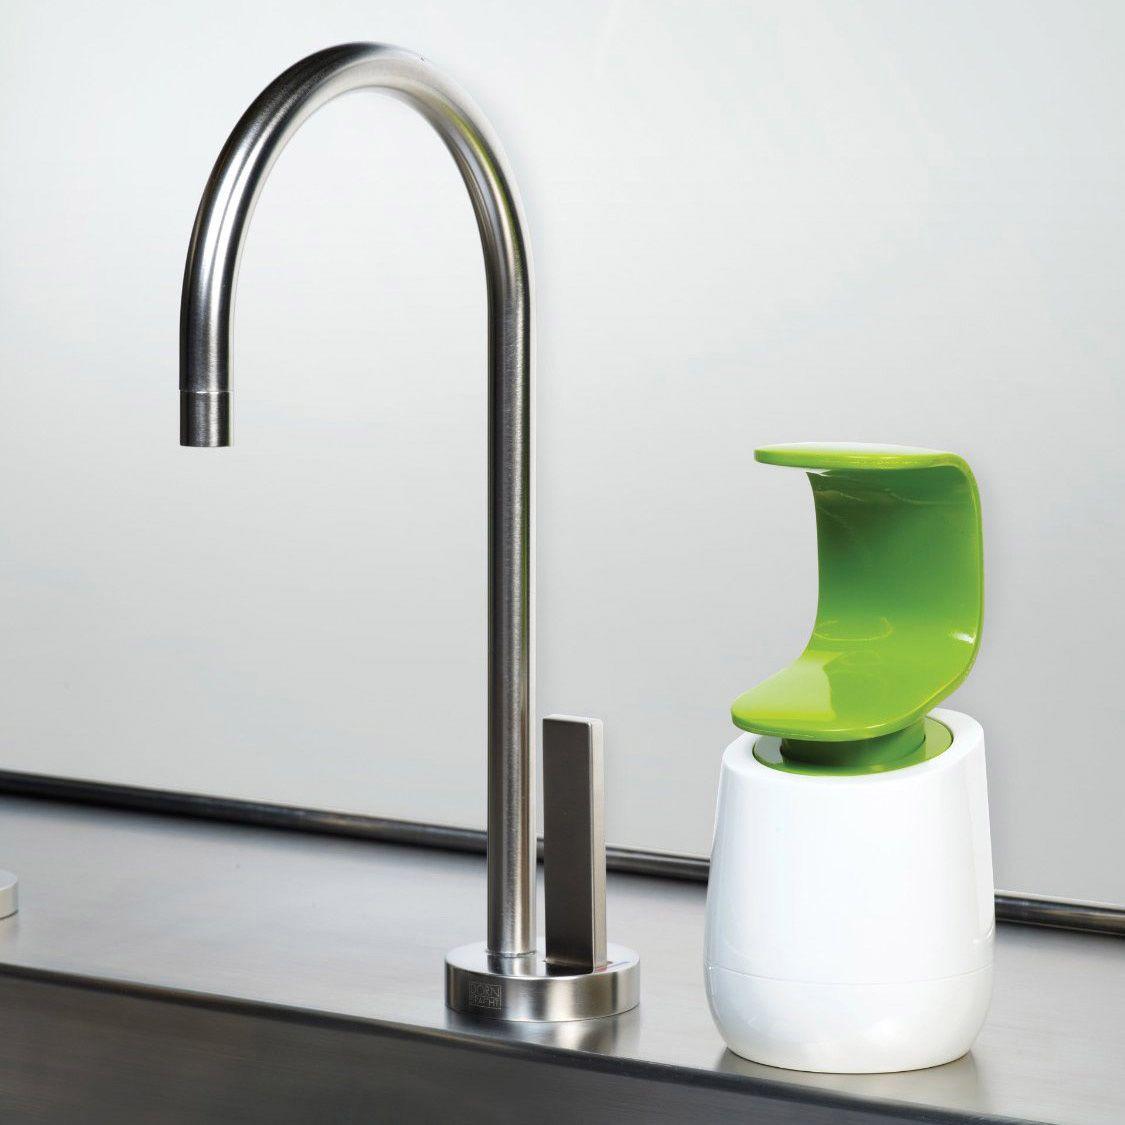 Емкость с дозатором Joseph Joseph C-pump бело-зеленая для жидкого мыла